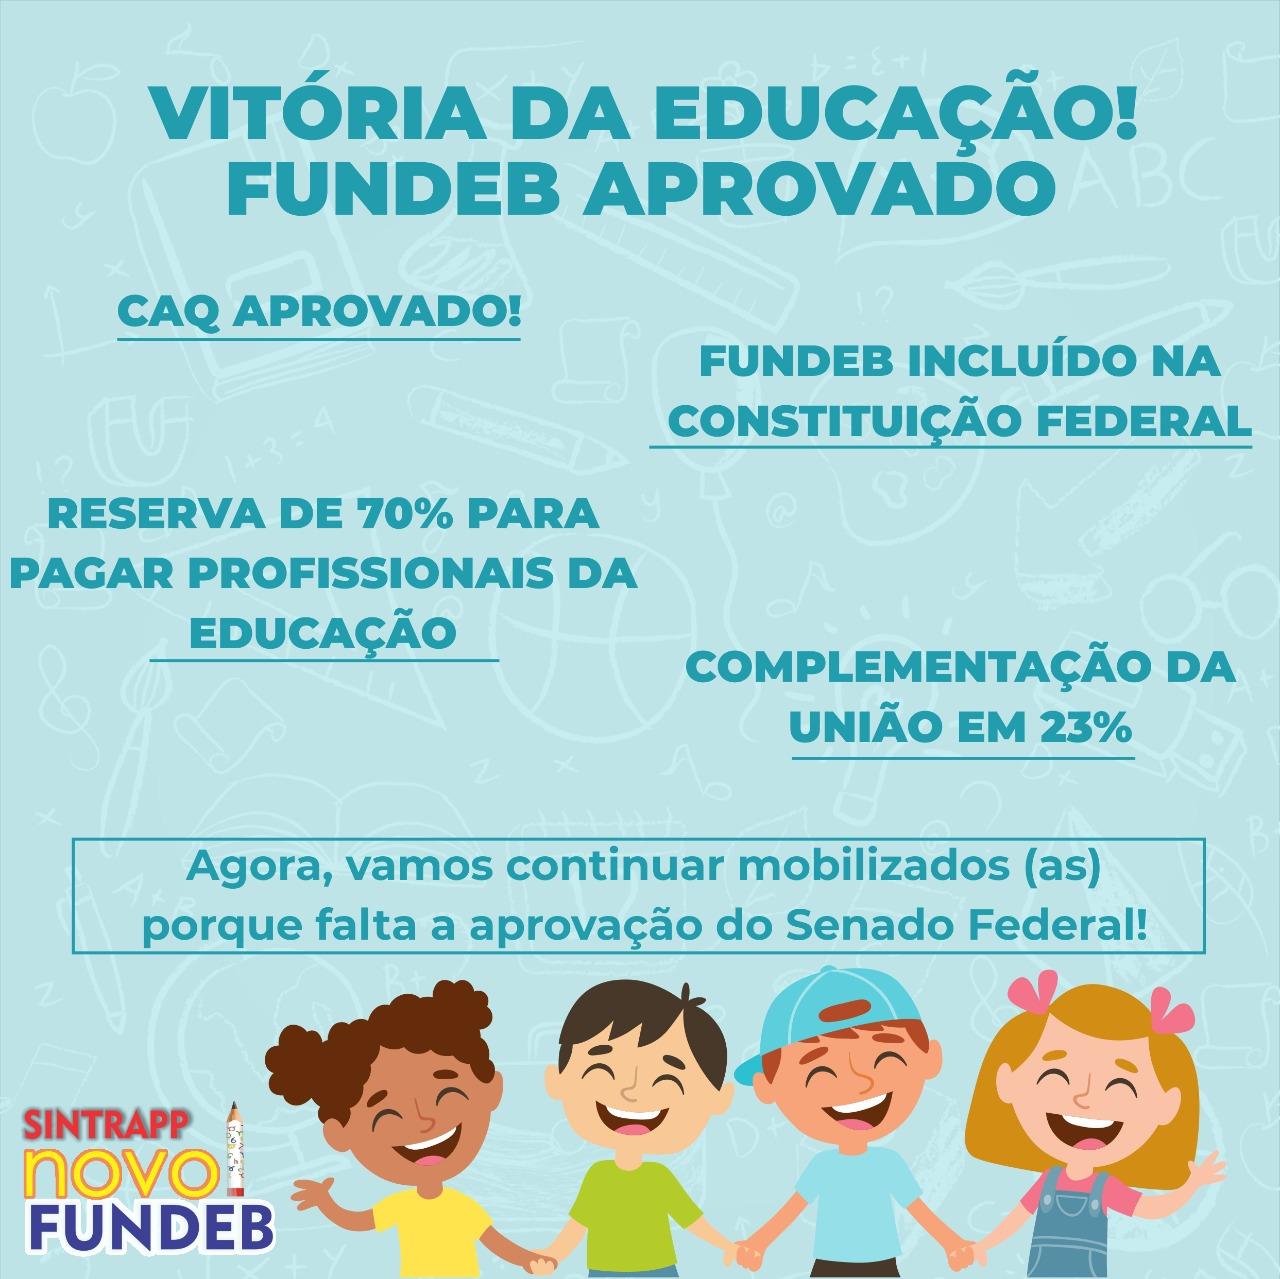 FUNDEB aprovado, conquista para a Educação!